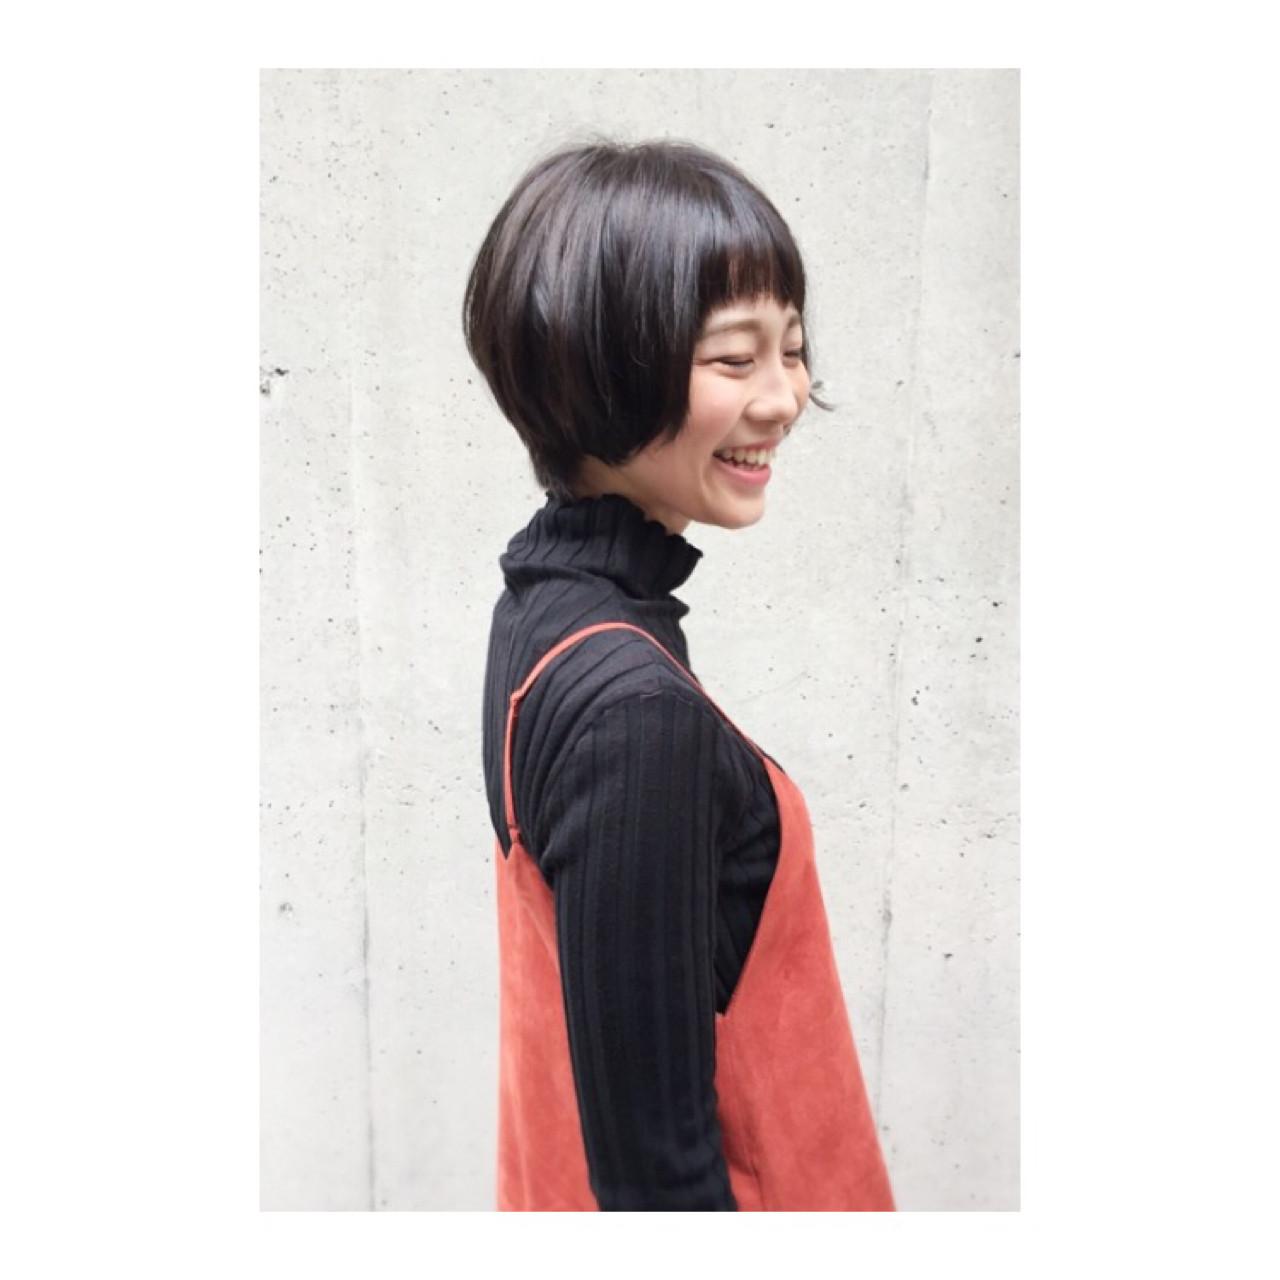 大人かわいい ショート ボブ ショートボブ ヘアスタイルや髪型の写真・画像 | 【ショートボブ似合わせ】スペシャリスト佐野元気 / morio from london ikebukuro モリオ フロム ロンドン 池袋店